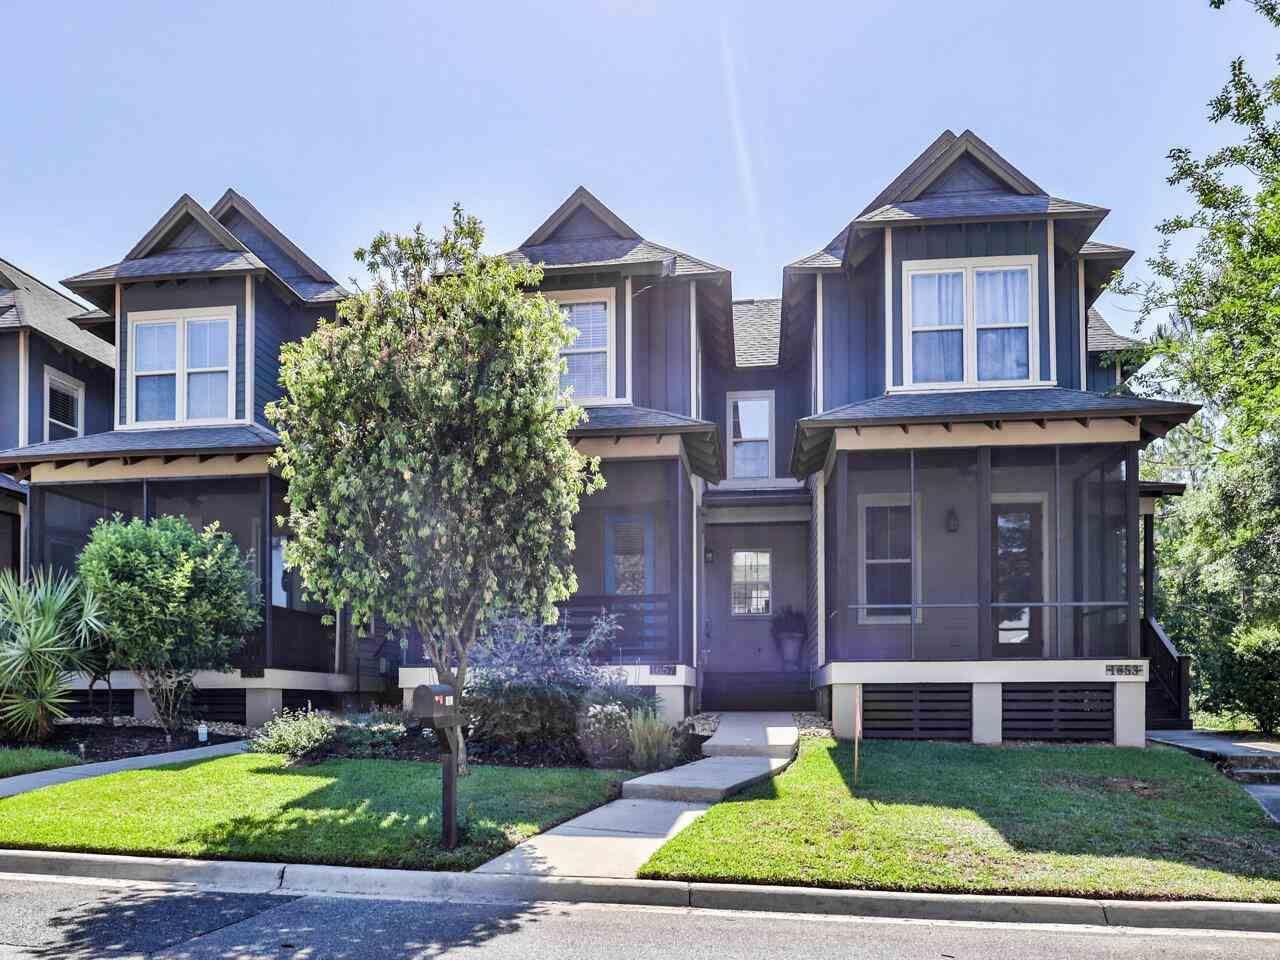 Photo of 1657 Cottage Rose Lane, TALLAHASSEE, FL 32308 (MLS # 334248)